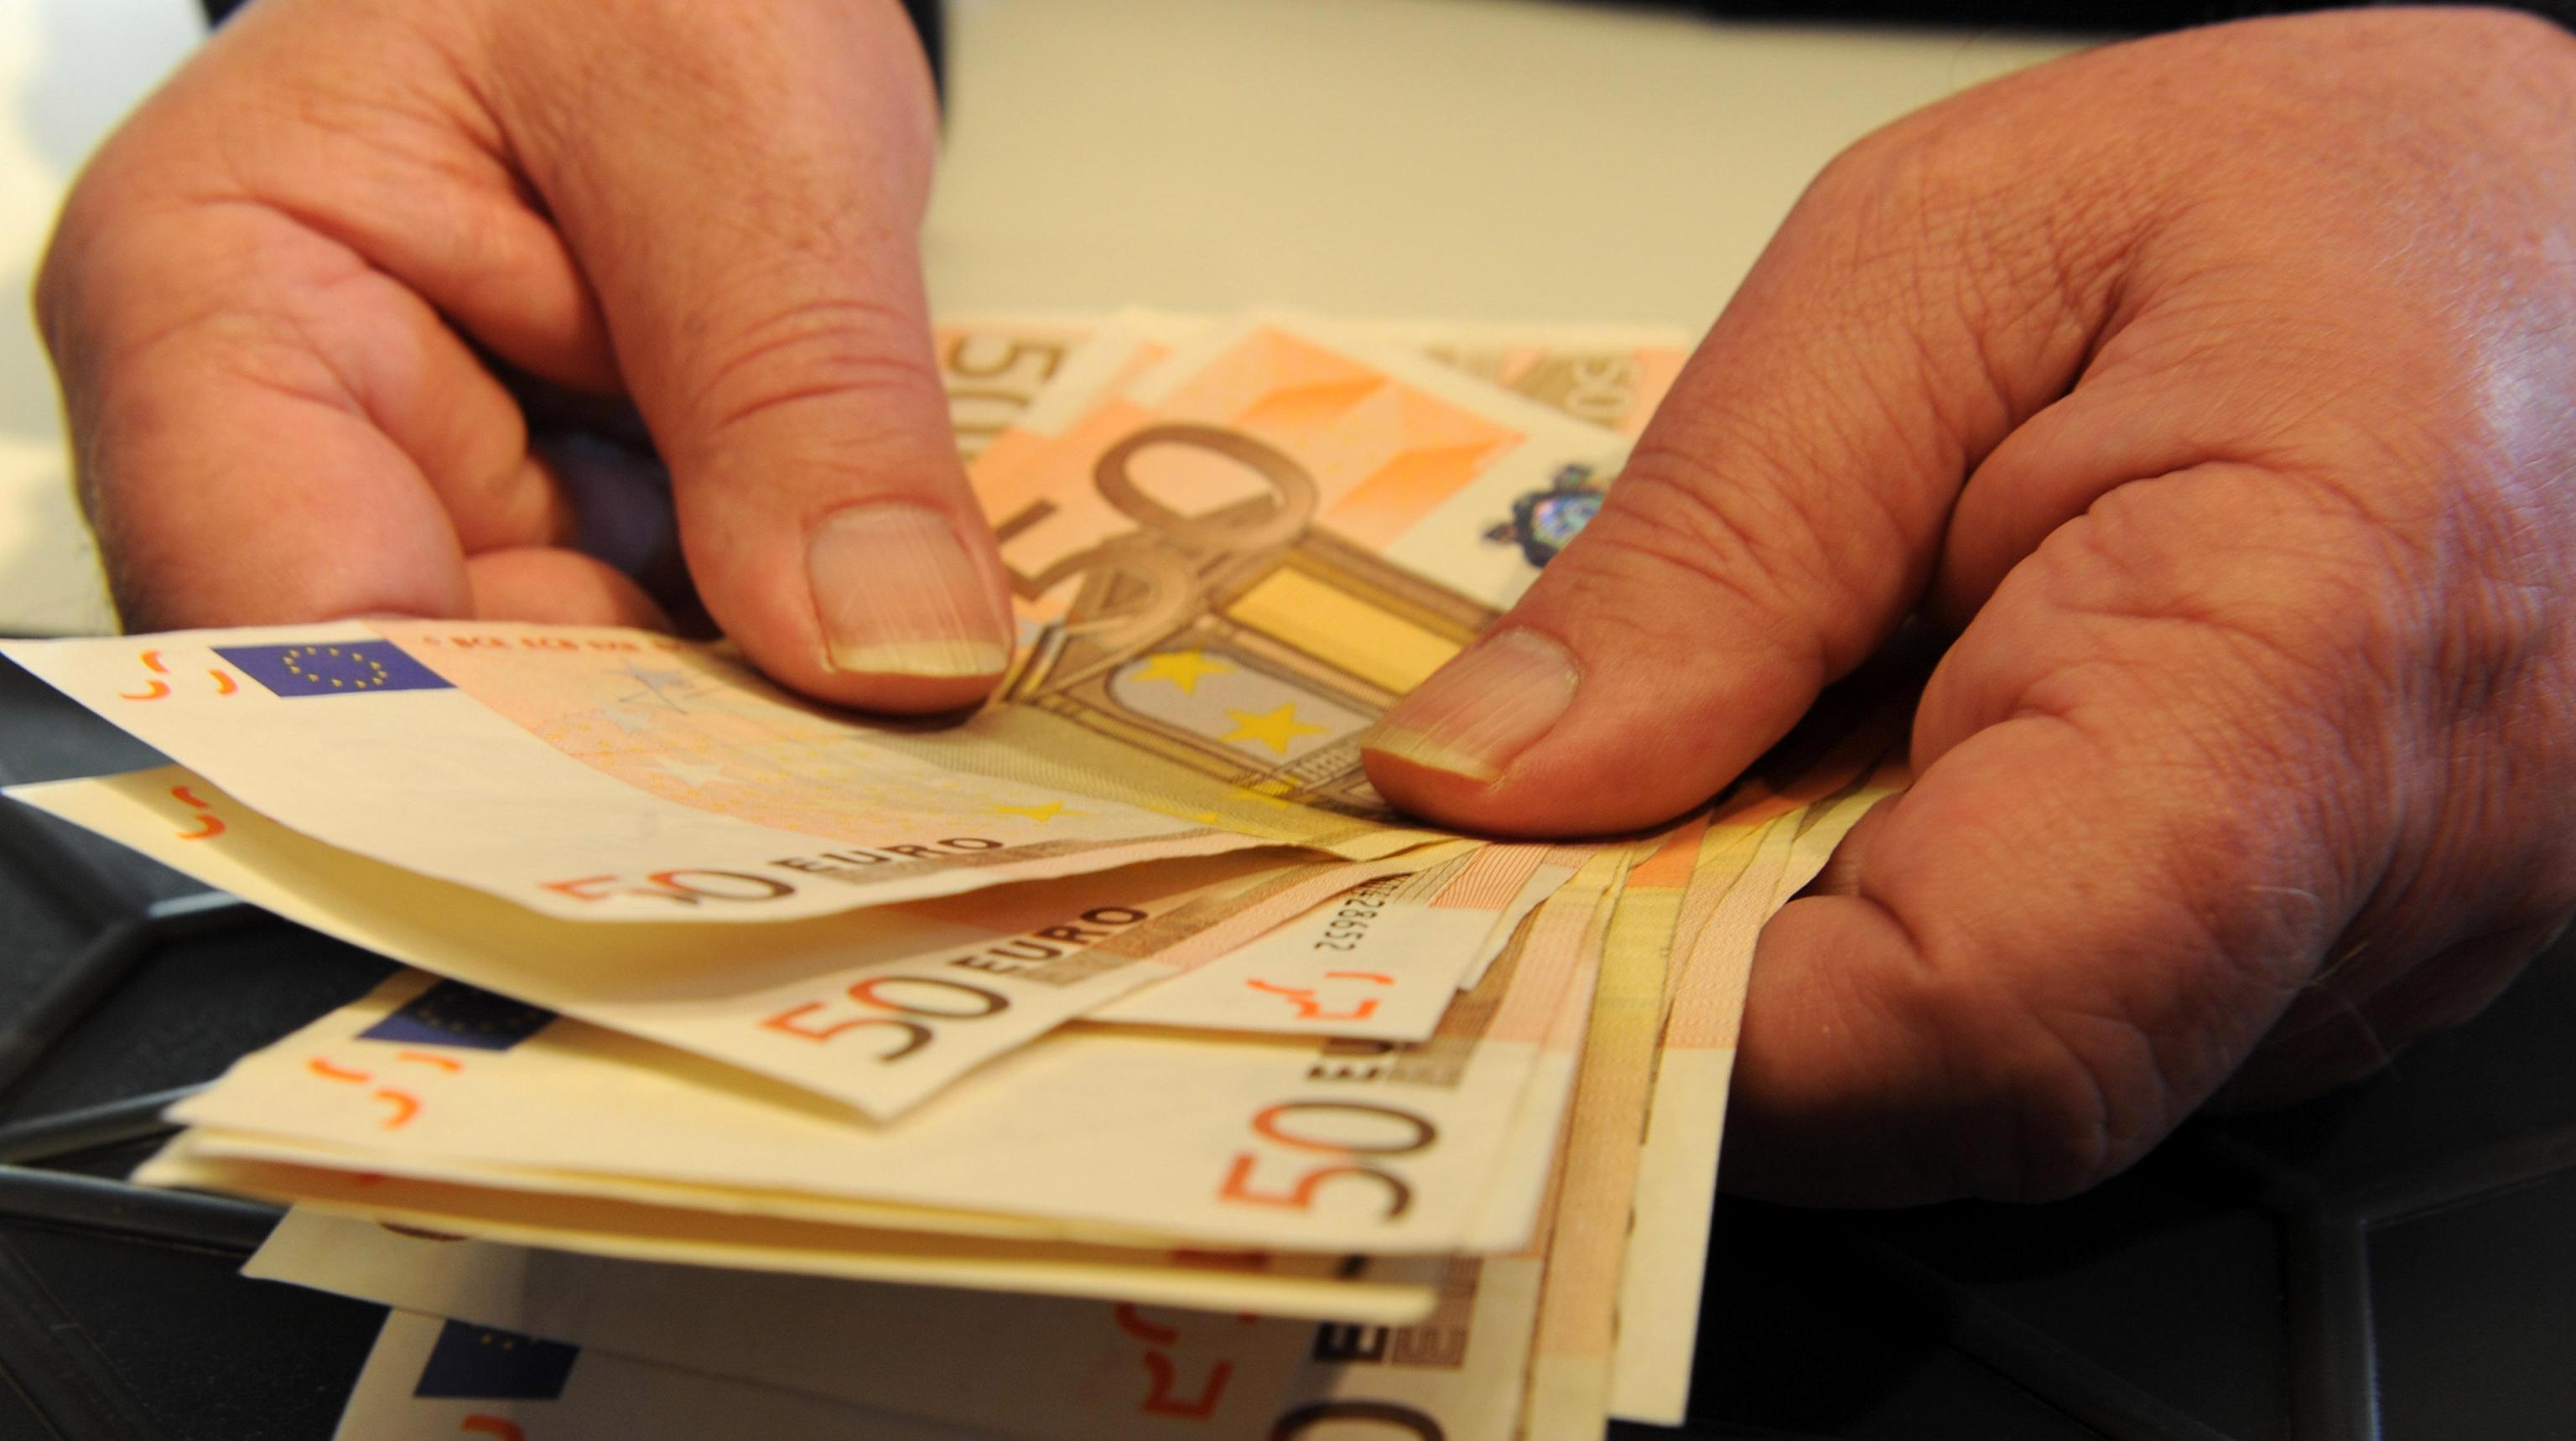 Aferpi, conti pignorati,rischio stipendi